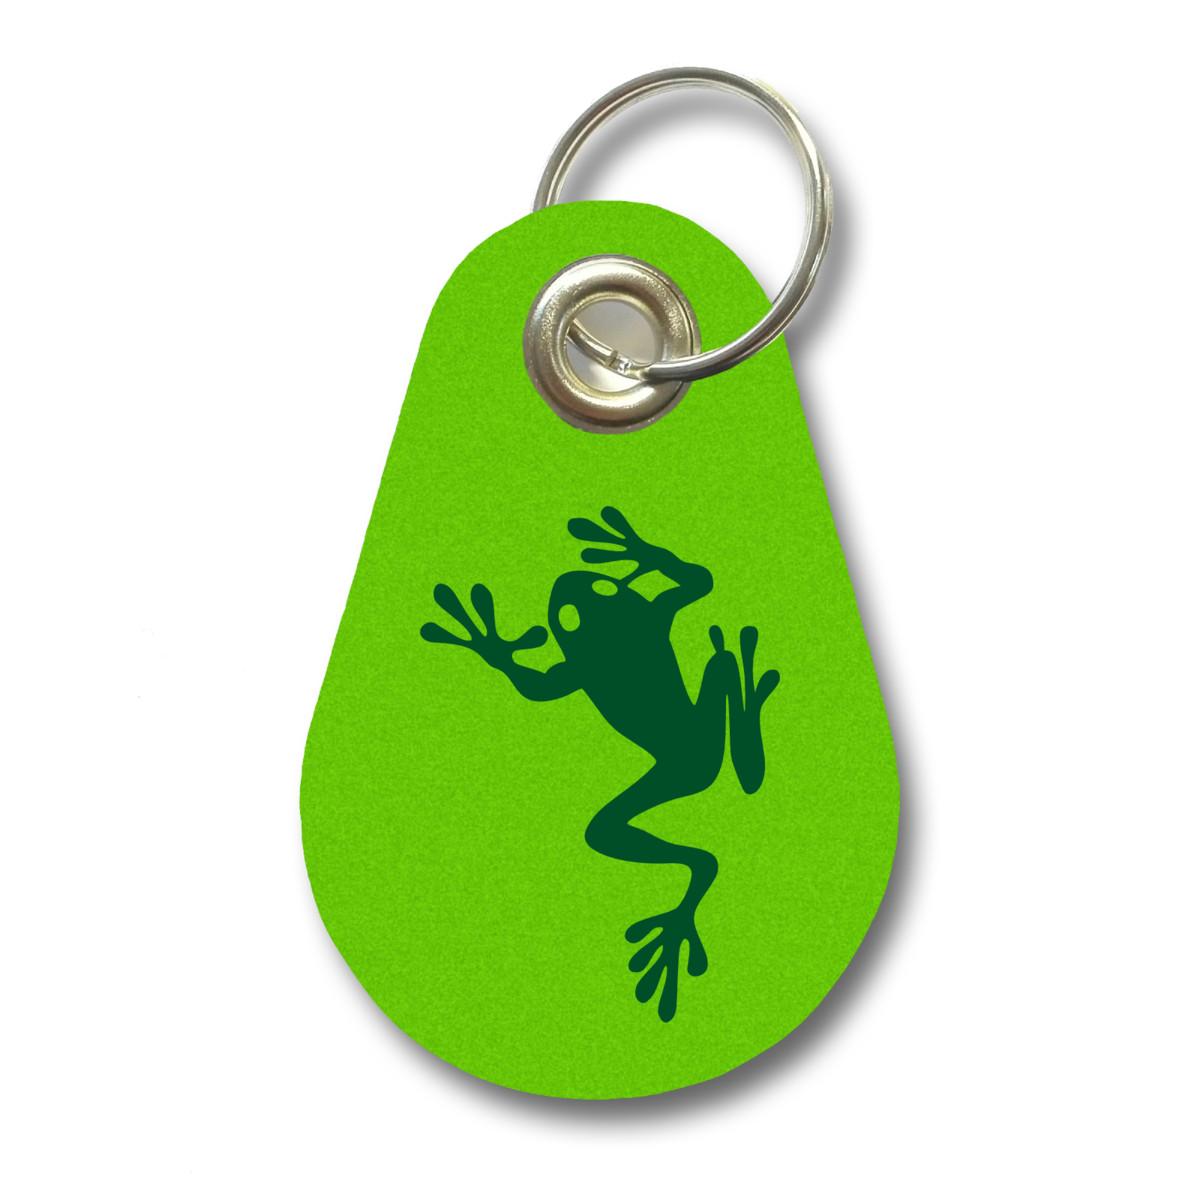 Details zu Schlüsselanhänger Kletternder Frosch aus Filz 12 Farben 9,5x6,5cm